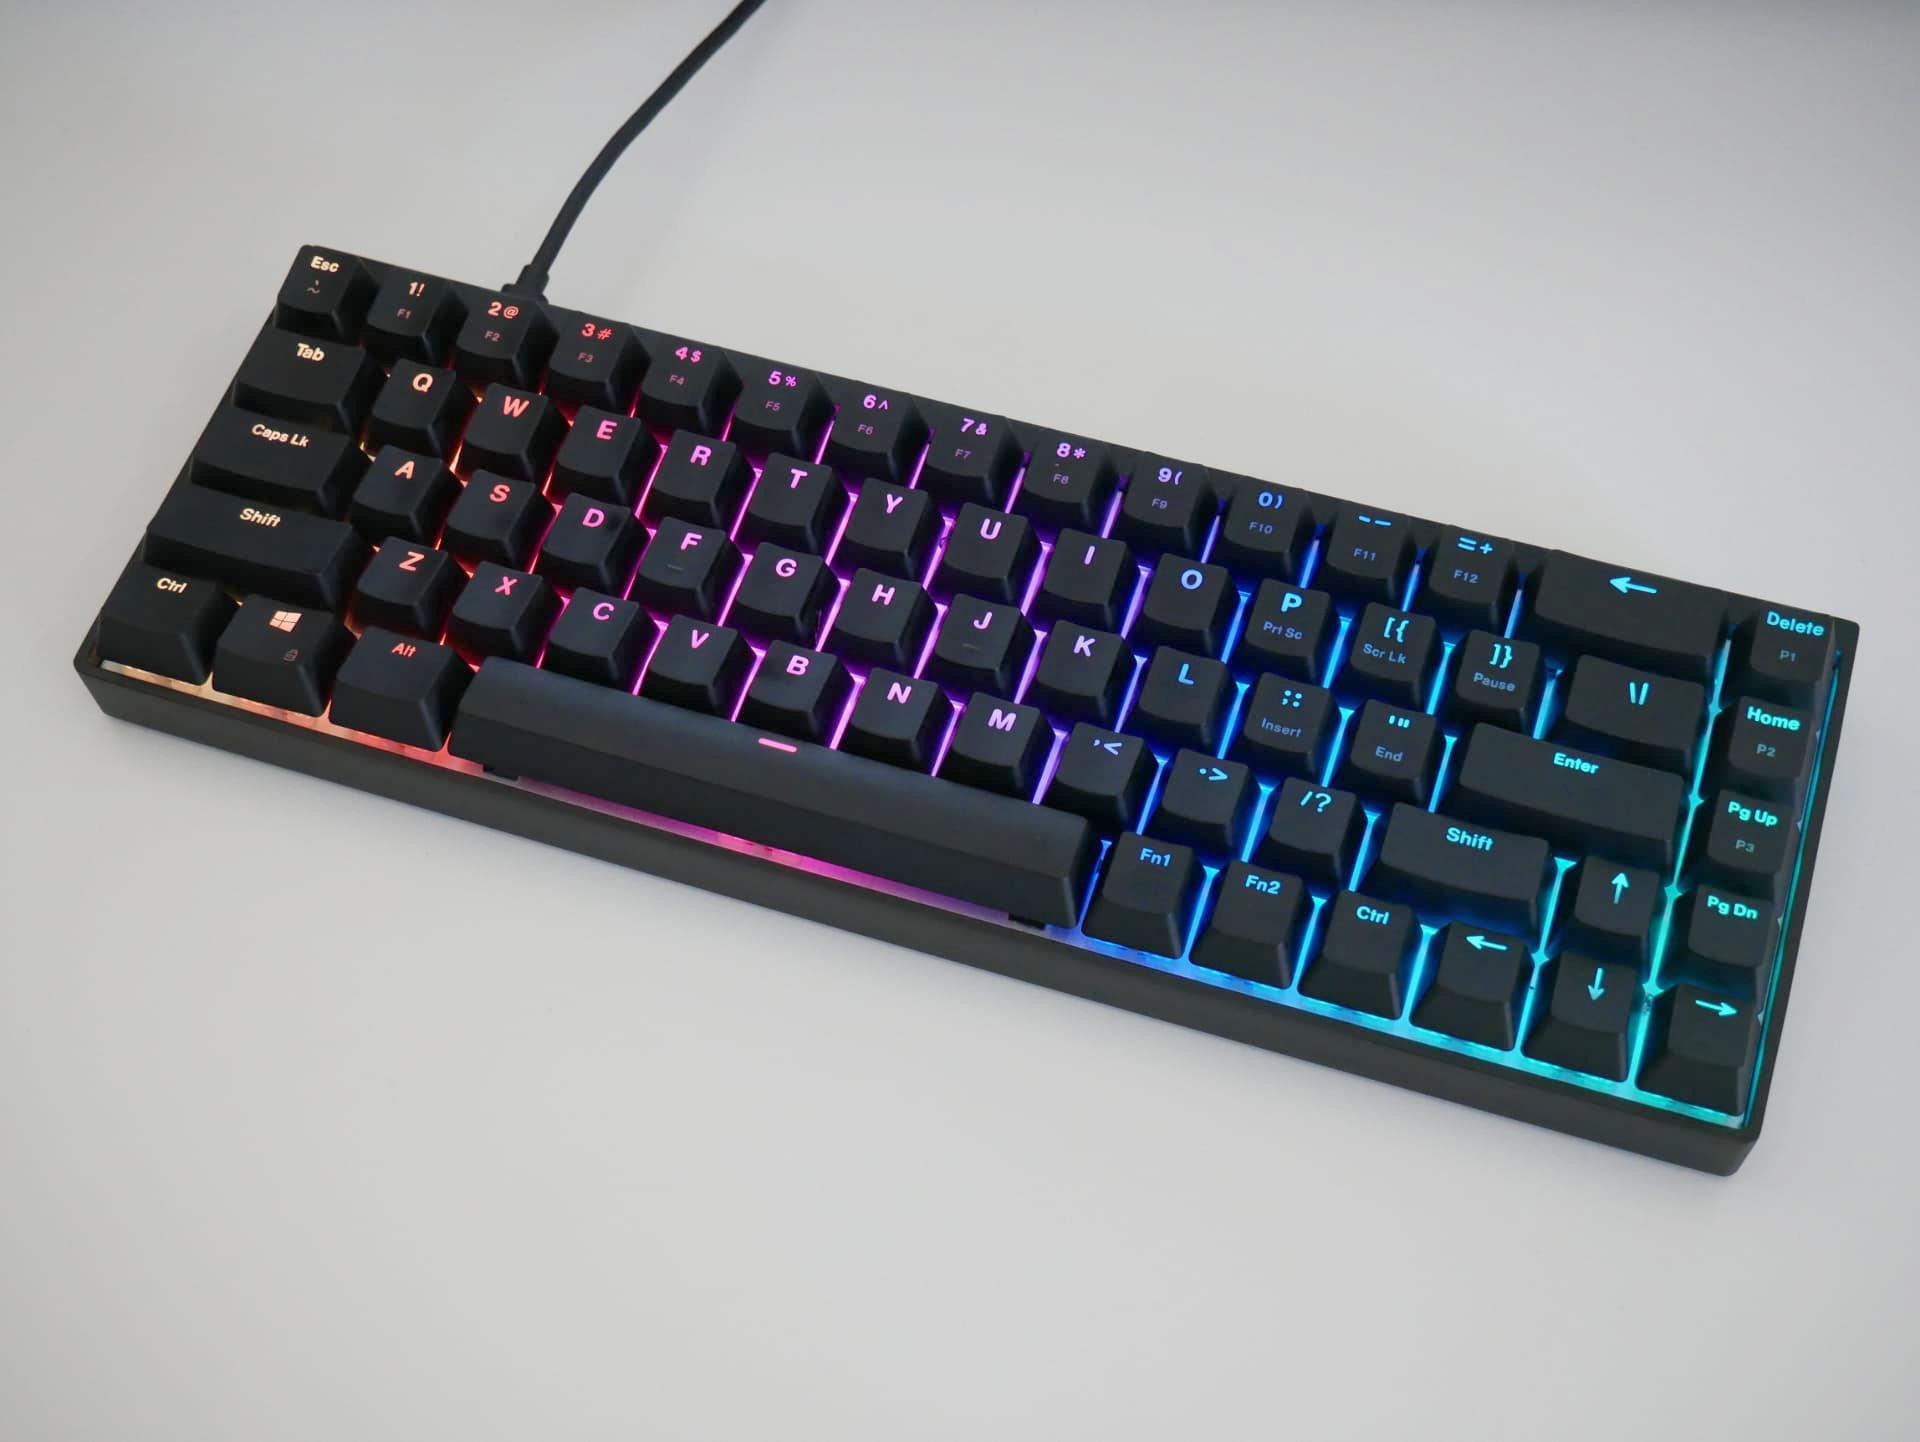 「Durgod Hades 68 RGB」レビュー。アルミフレームの堅固な65%ゲーミングキーボード